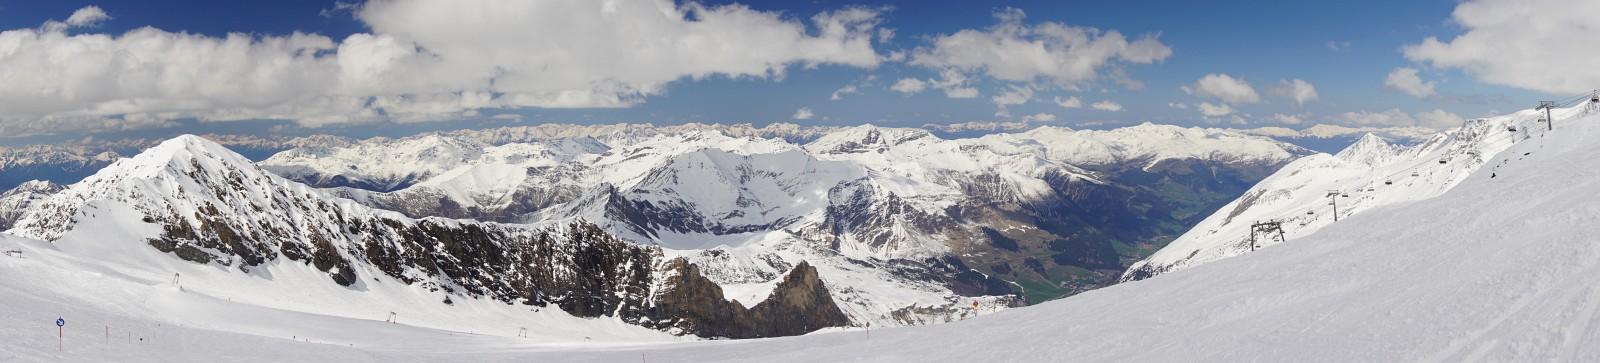 Unterwegs im westlichen Bereich des Hintertuxer Gletschers. Links der Kleine Kaserer, in Bildmitte die Lämrstange. (Klick zur Vergrößerung)